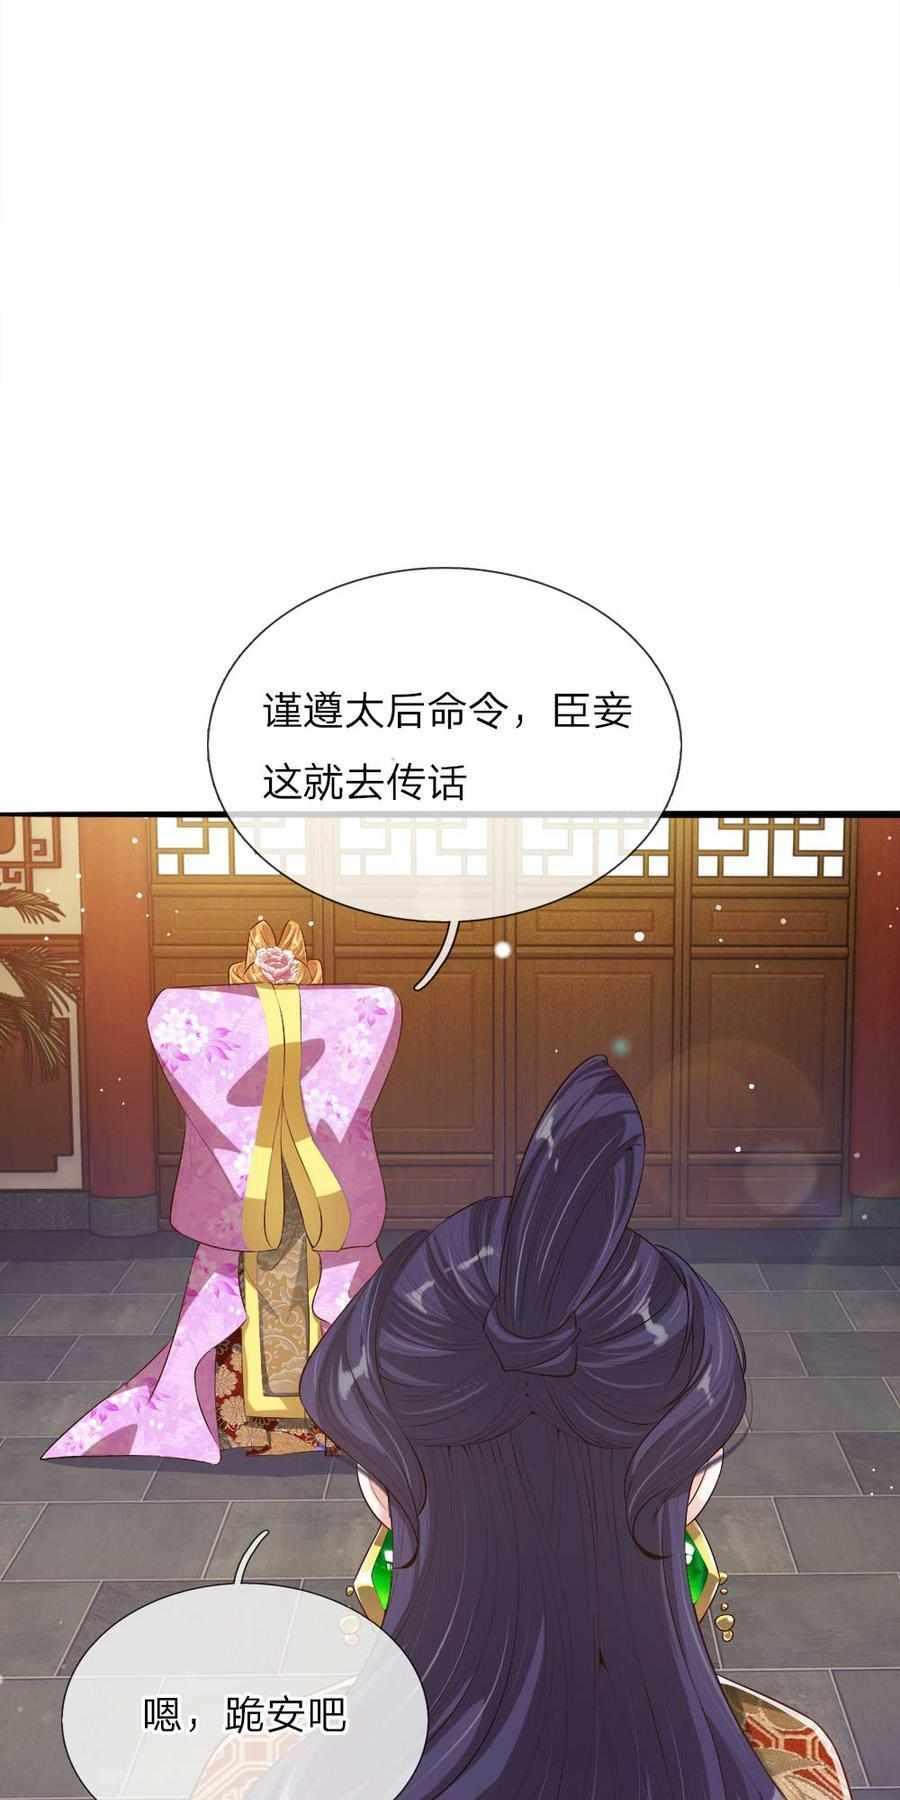 温柔暴君:摄政王爷太凶猛第17话  第17话 后母们的茶会 第 15